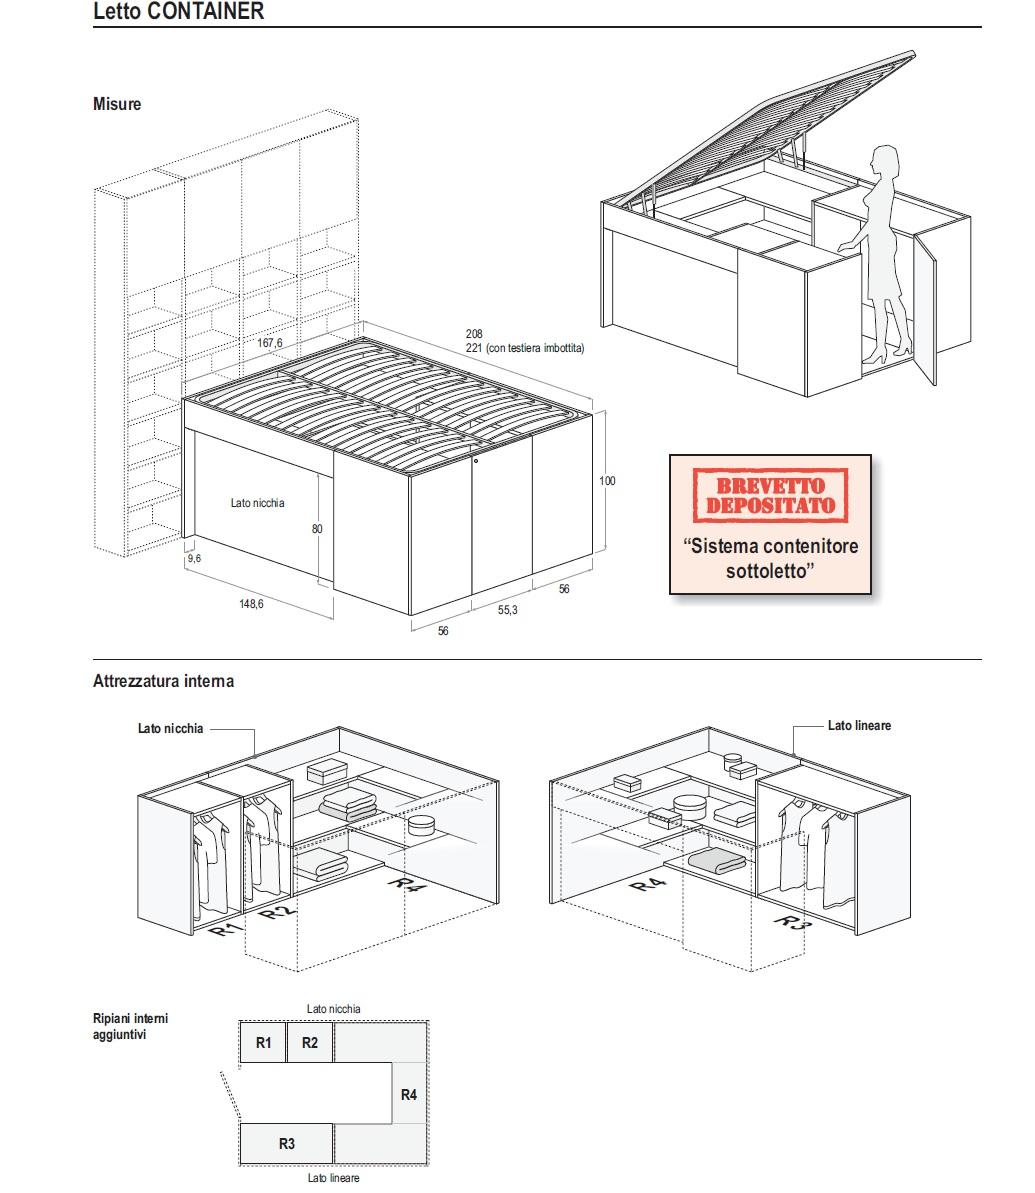 Scheda tecnica Doimo Dielle Letto Container